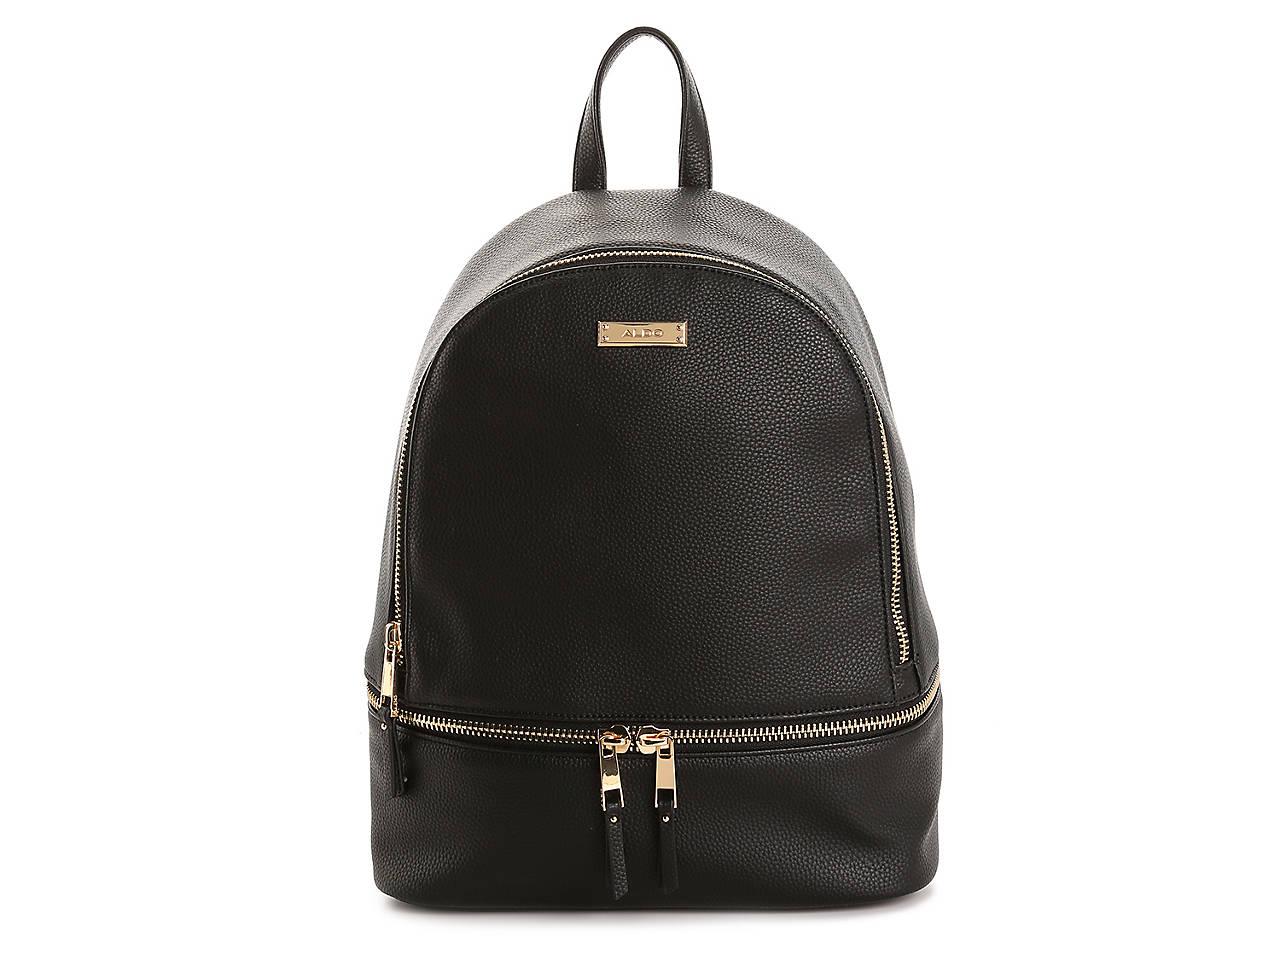 d662fc389f6 Aldo Craspeida Backpack Women s Handbags   Accessories